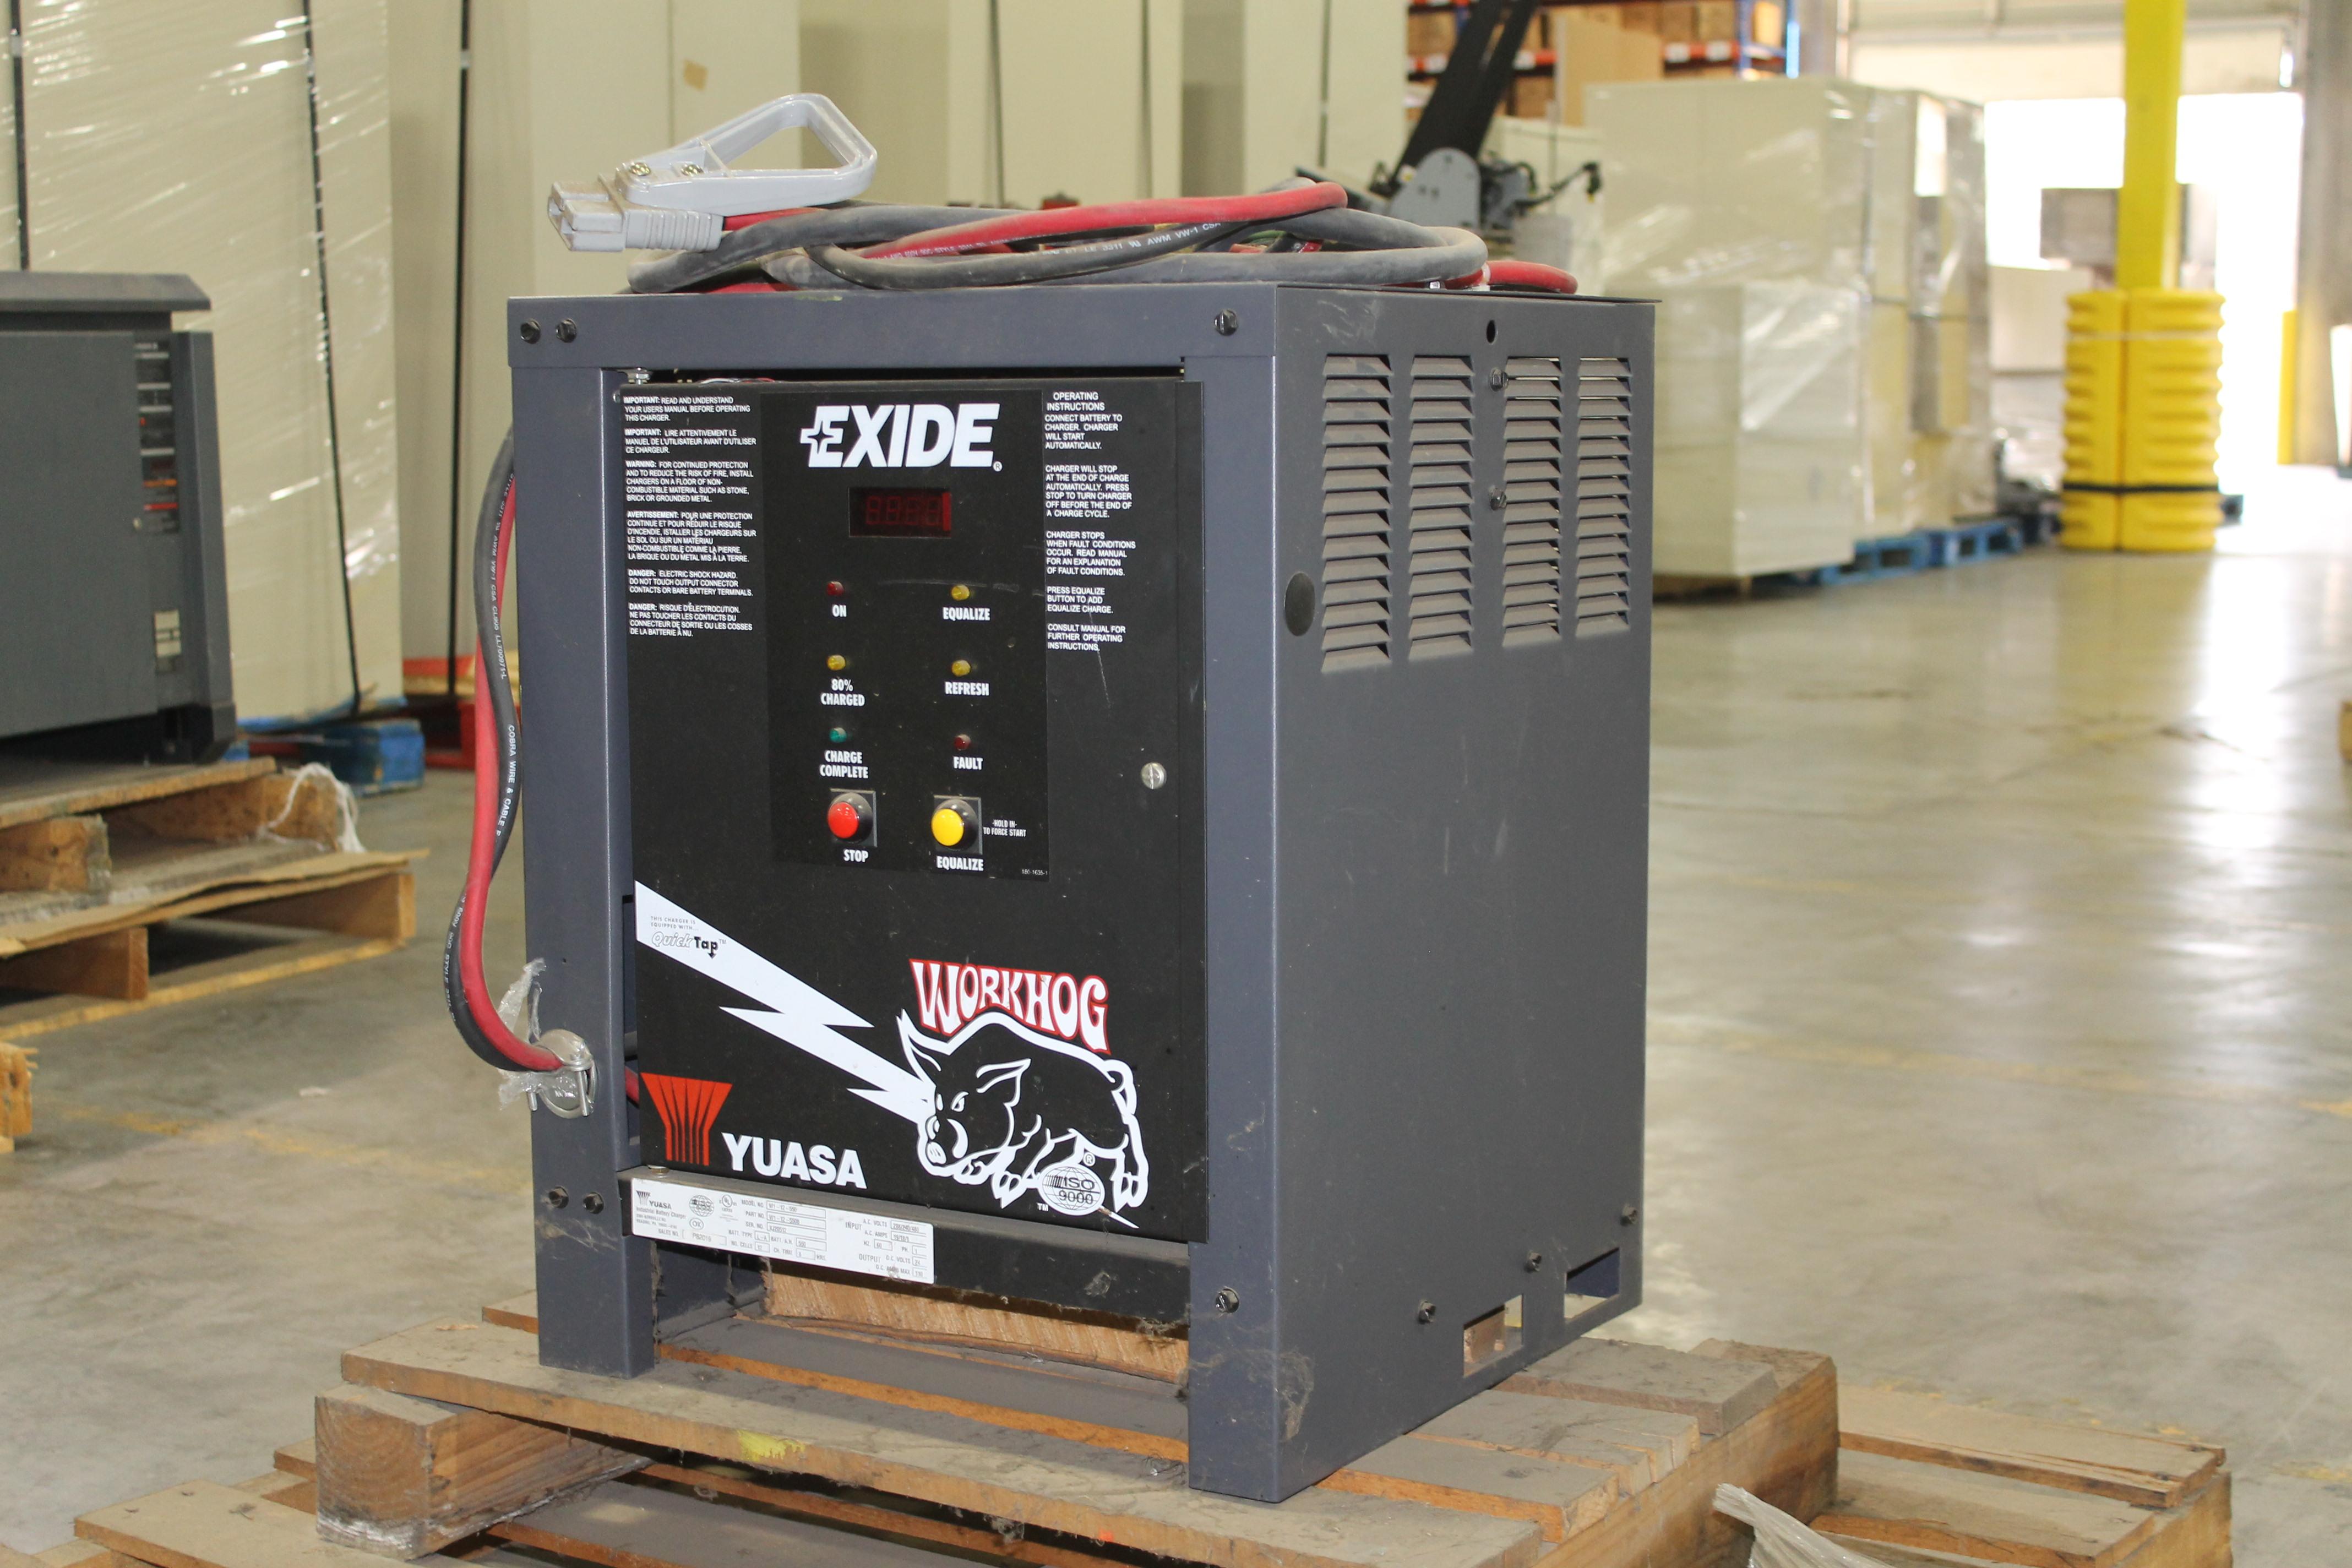 Lot 69 - EXIDE WORKHOG ELECTRIC FORKLIFT BATTERY CHARGER, 24V